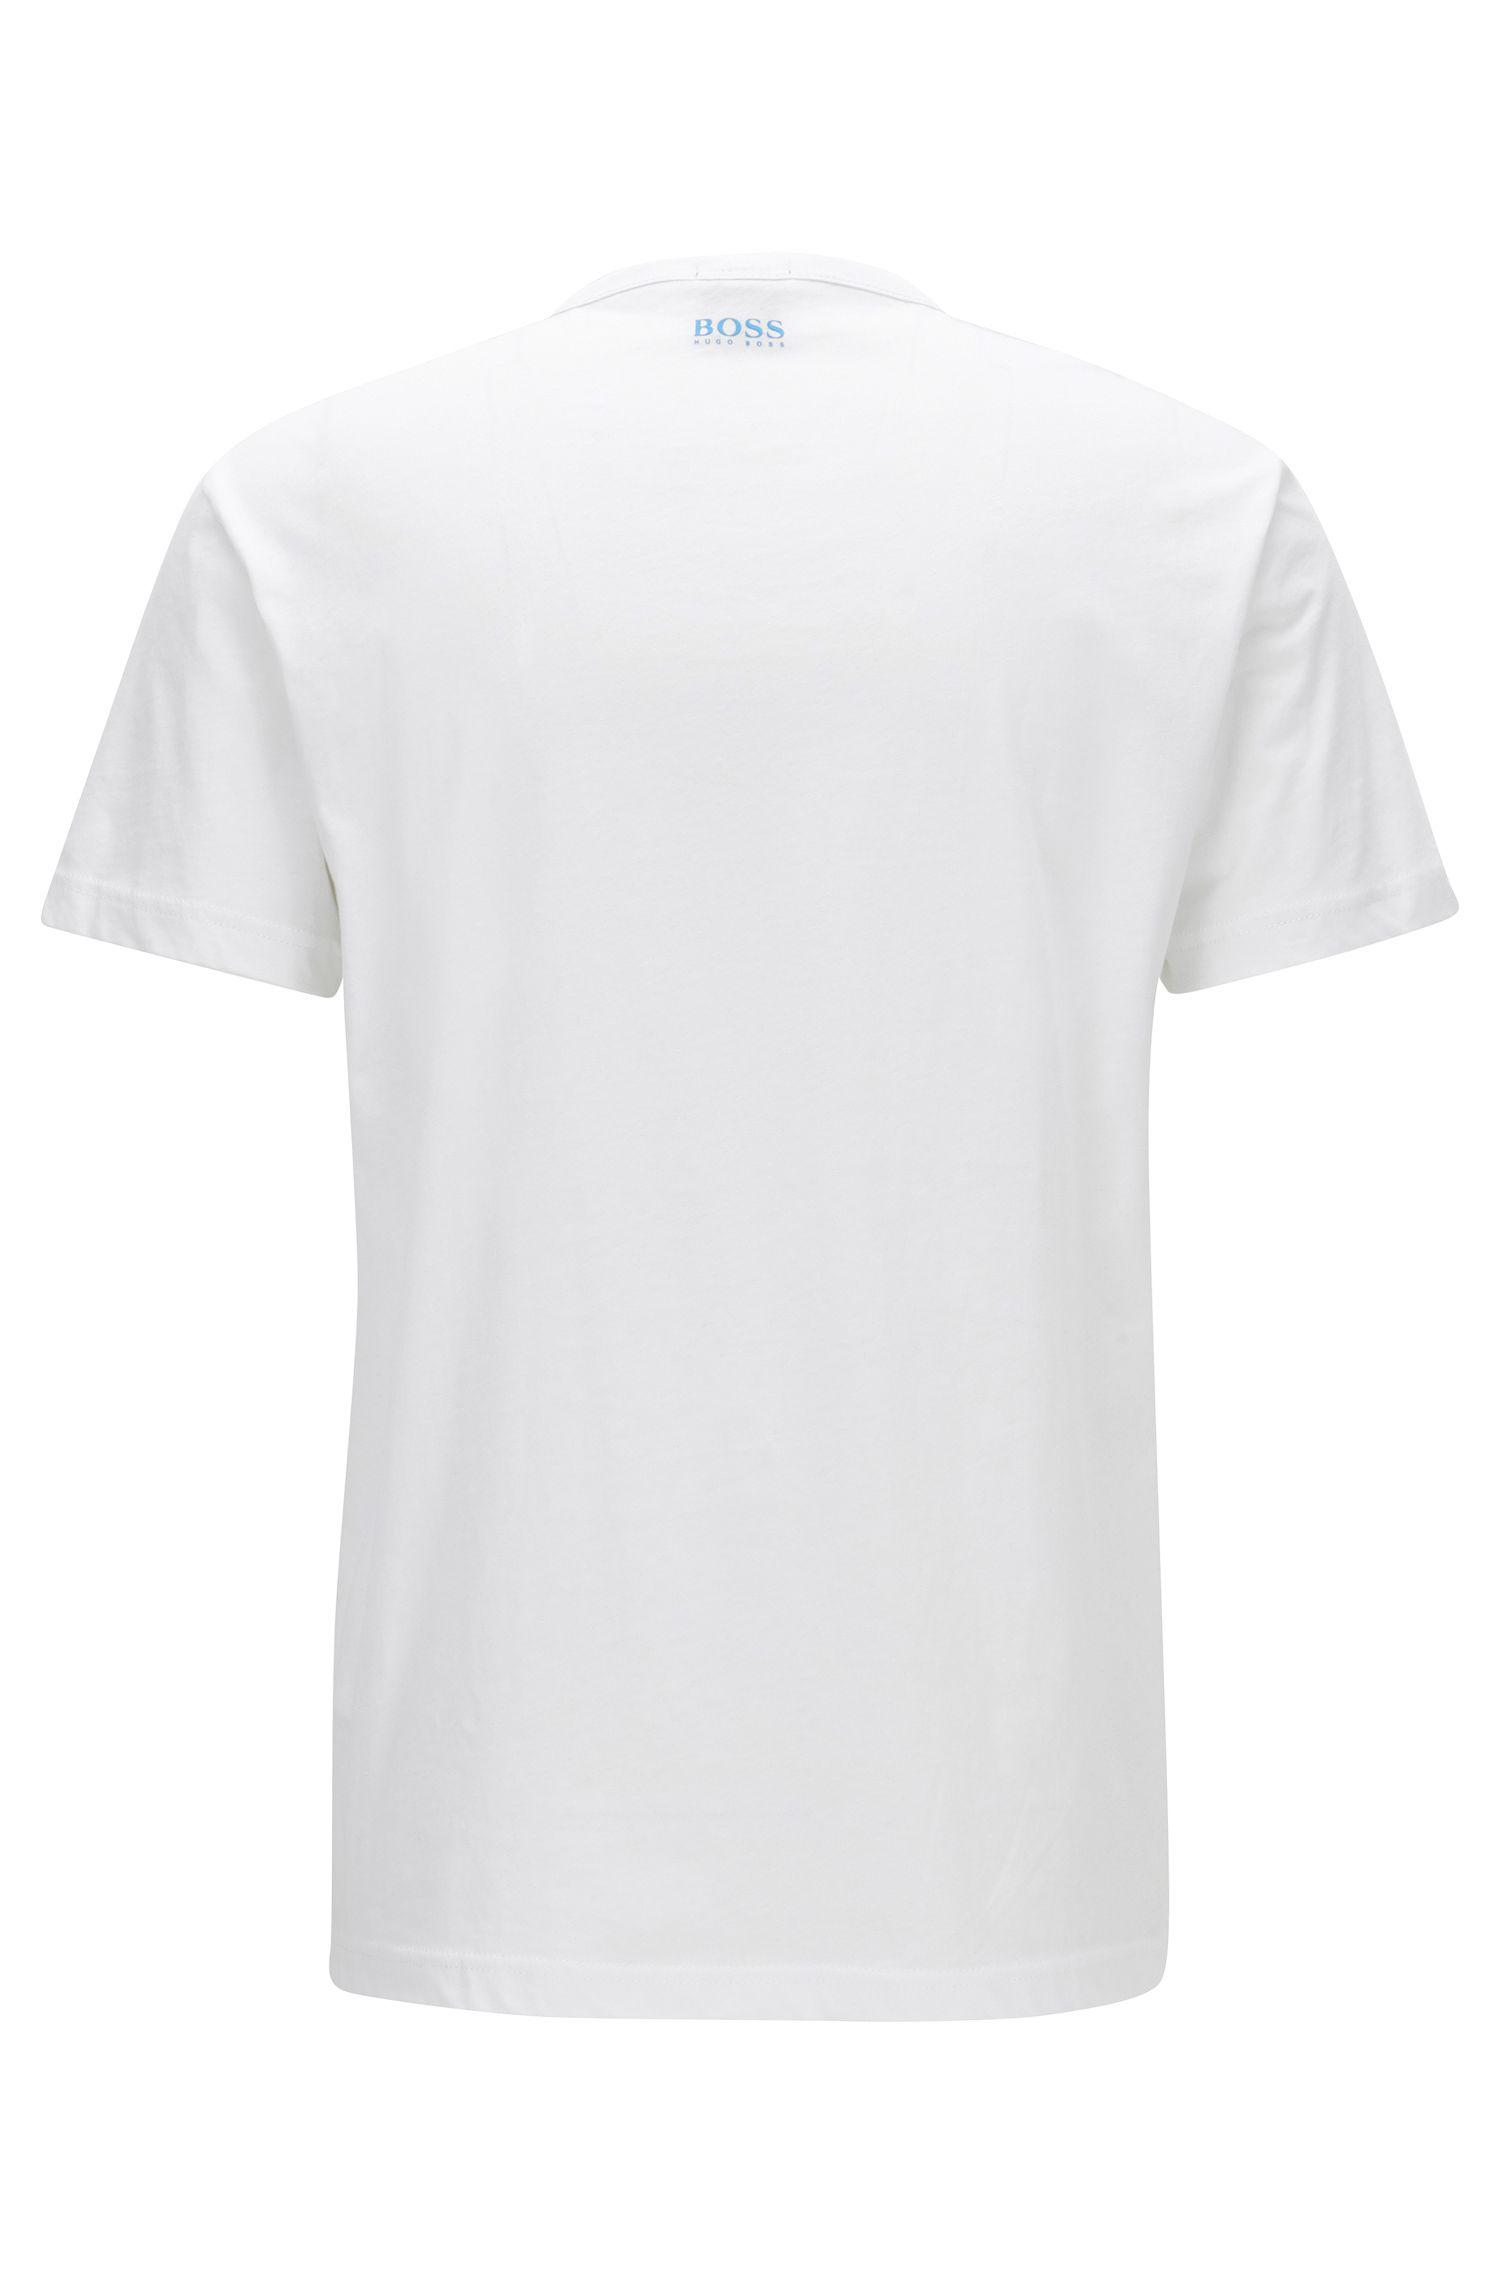 Cotton logo T-shirt in a regular fit